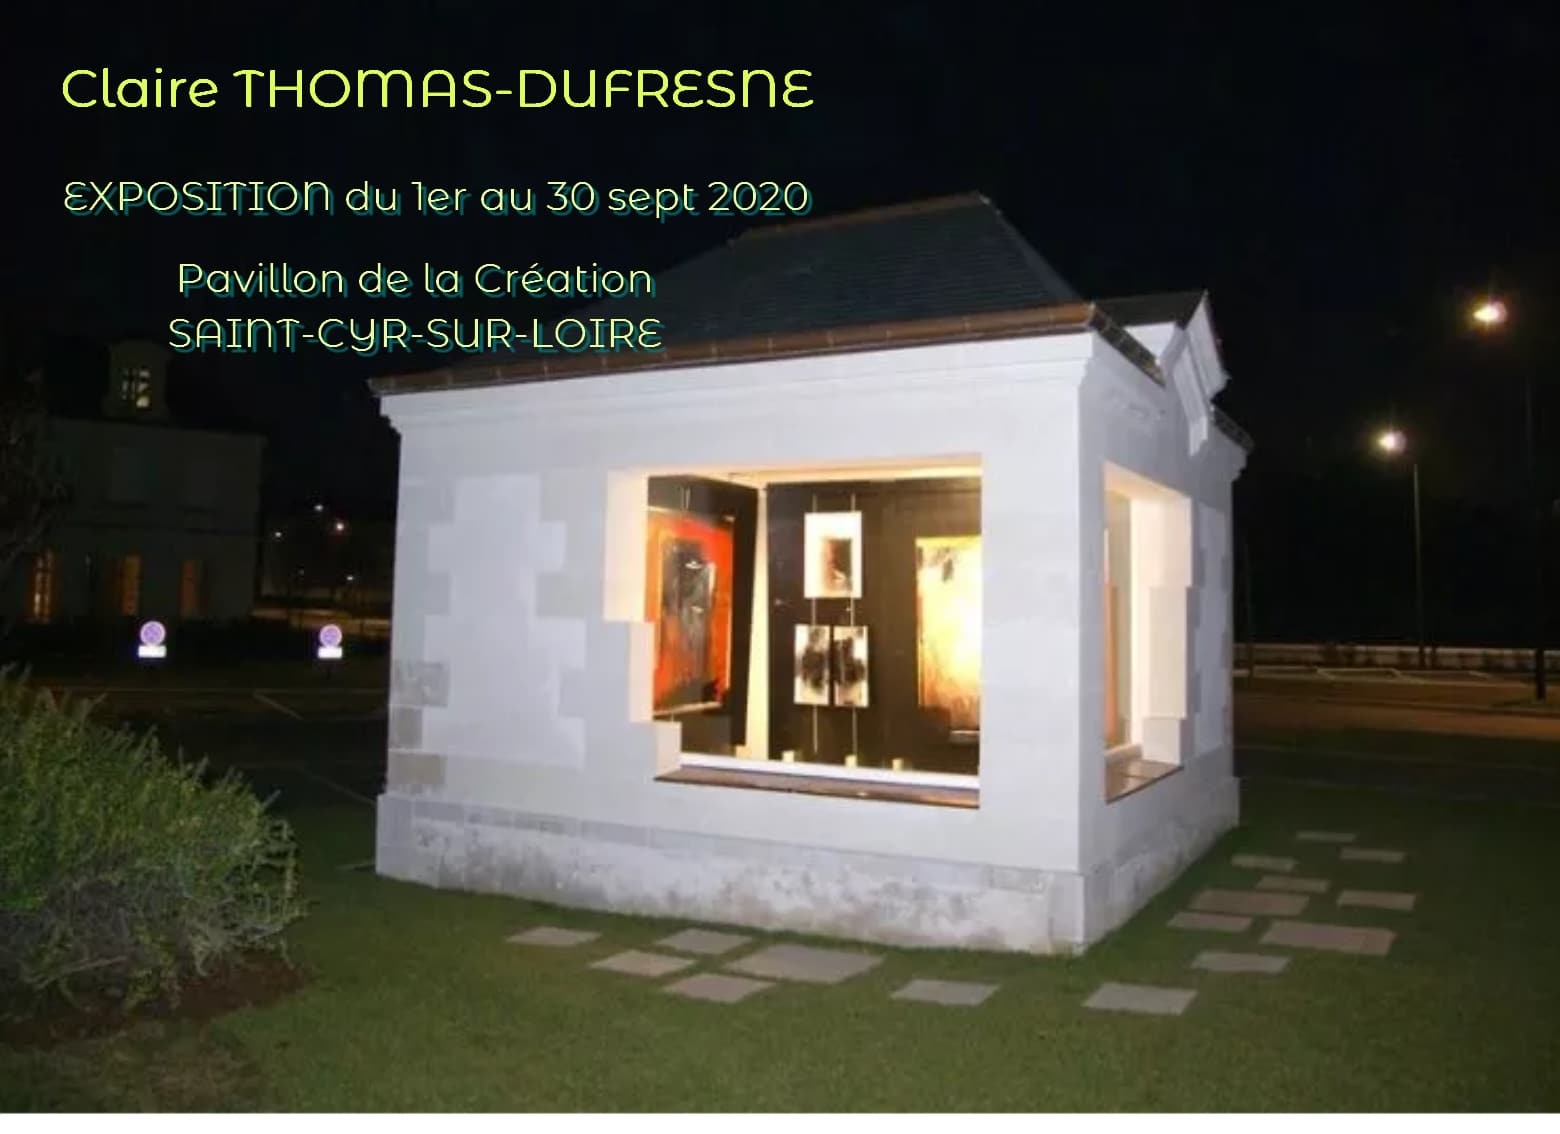 PAVILLON DE LA CRÉATION du 1er au 30 sept 2020 Saint-Cyr-Sur-Loire